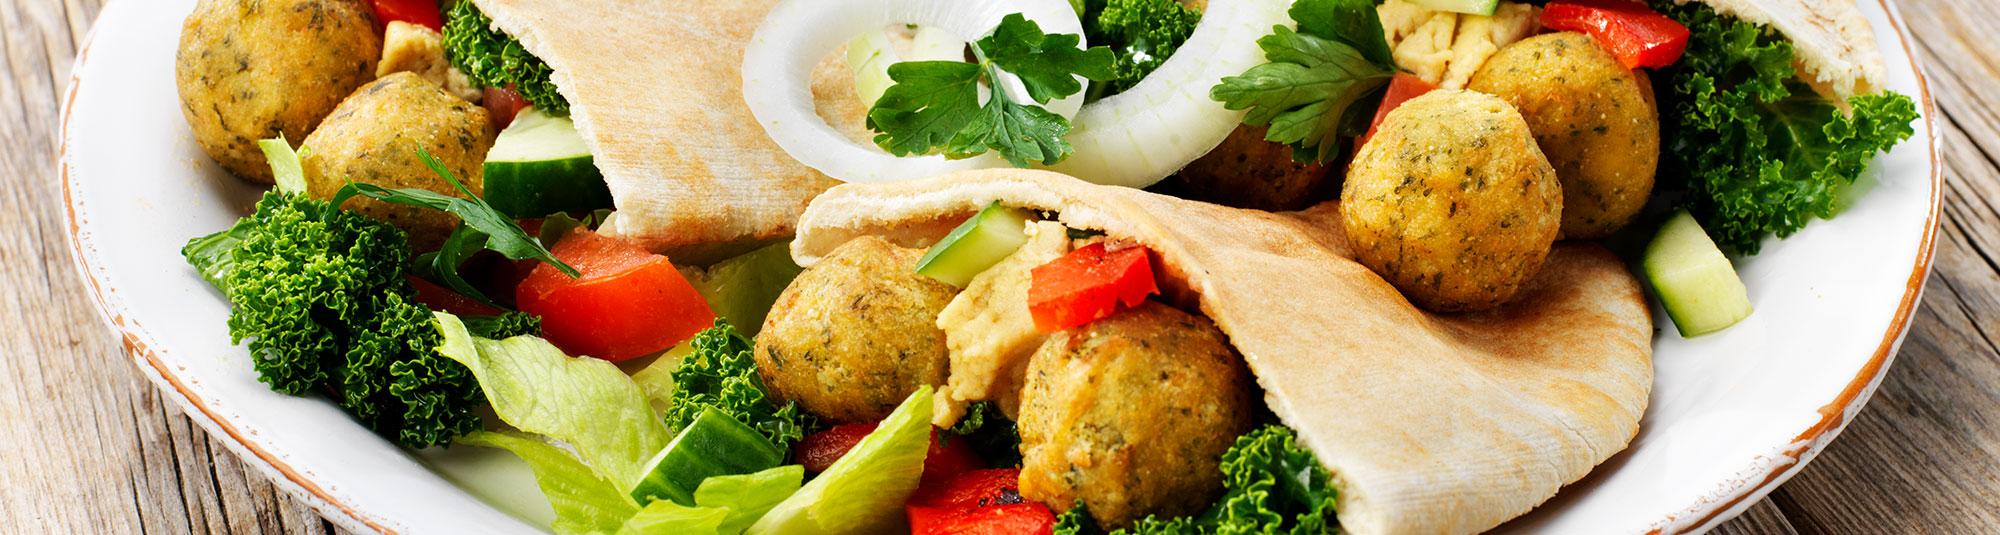 Falafel i pitabröd med kikärtshummus